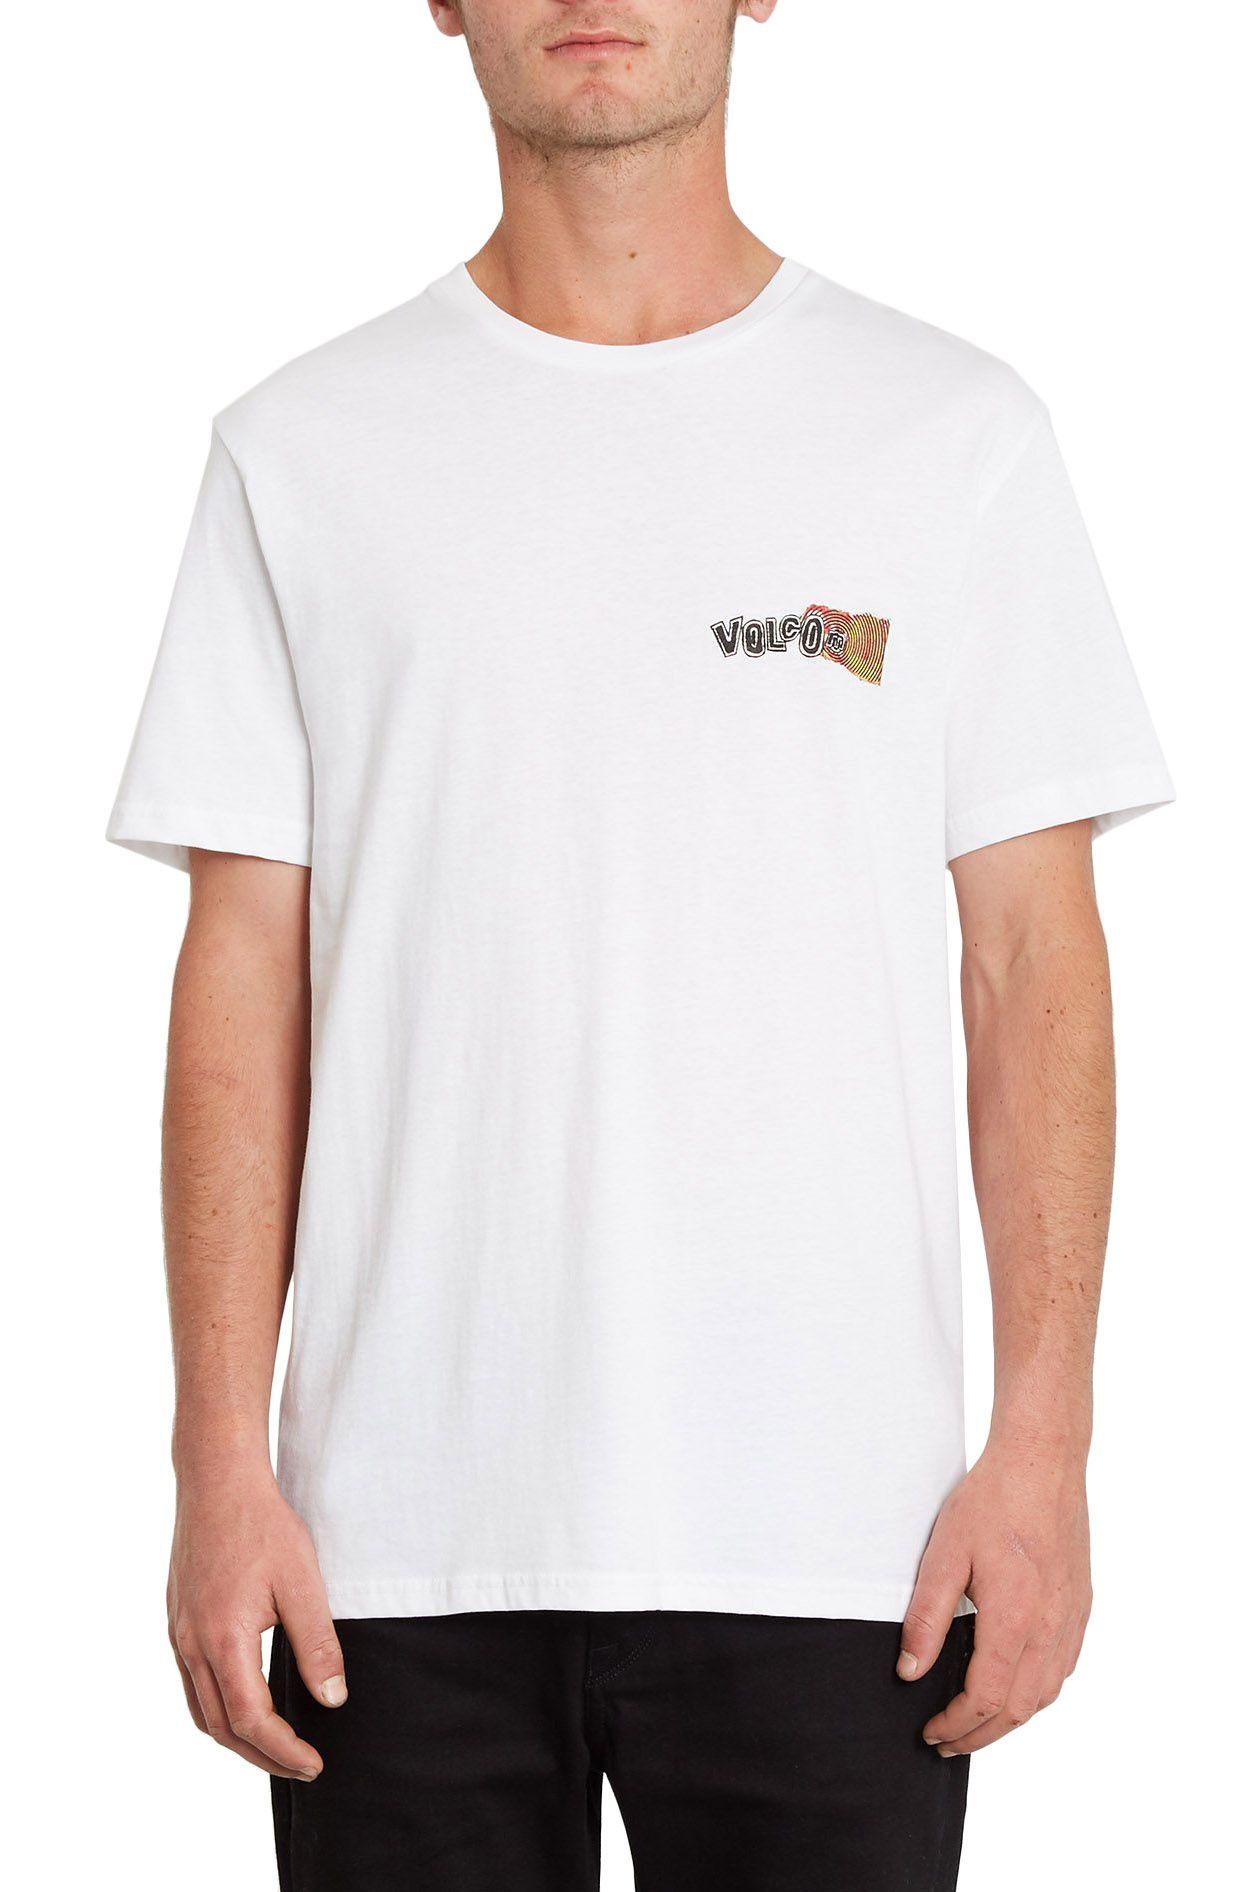 Volcom T-Shirt WORLDS COLLIDE BSC SS White